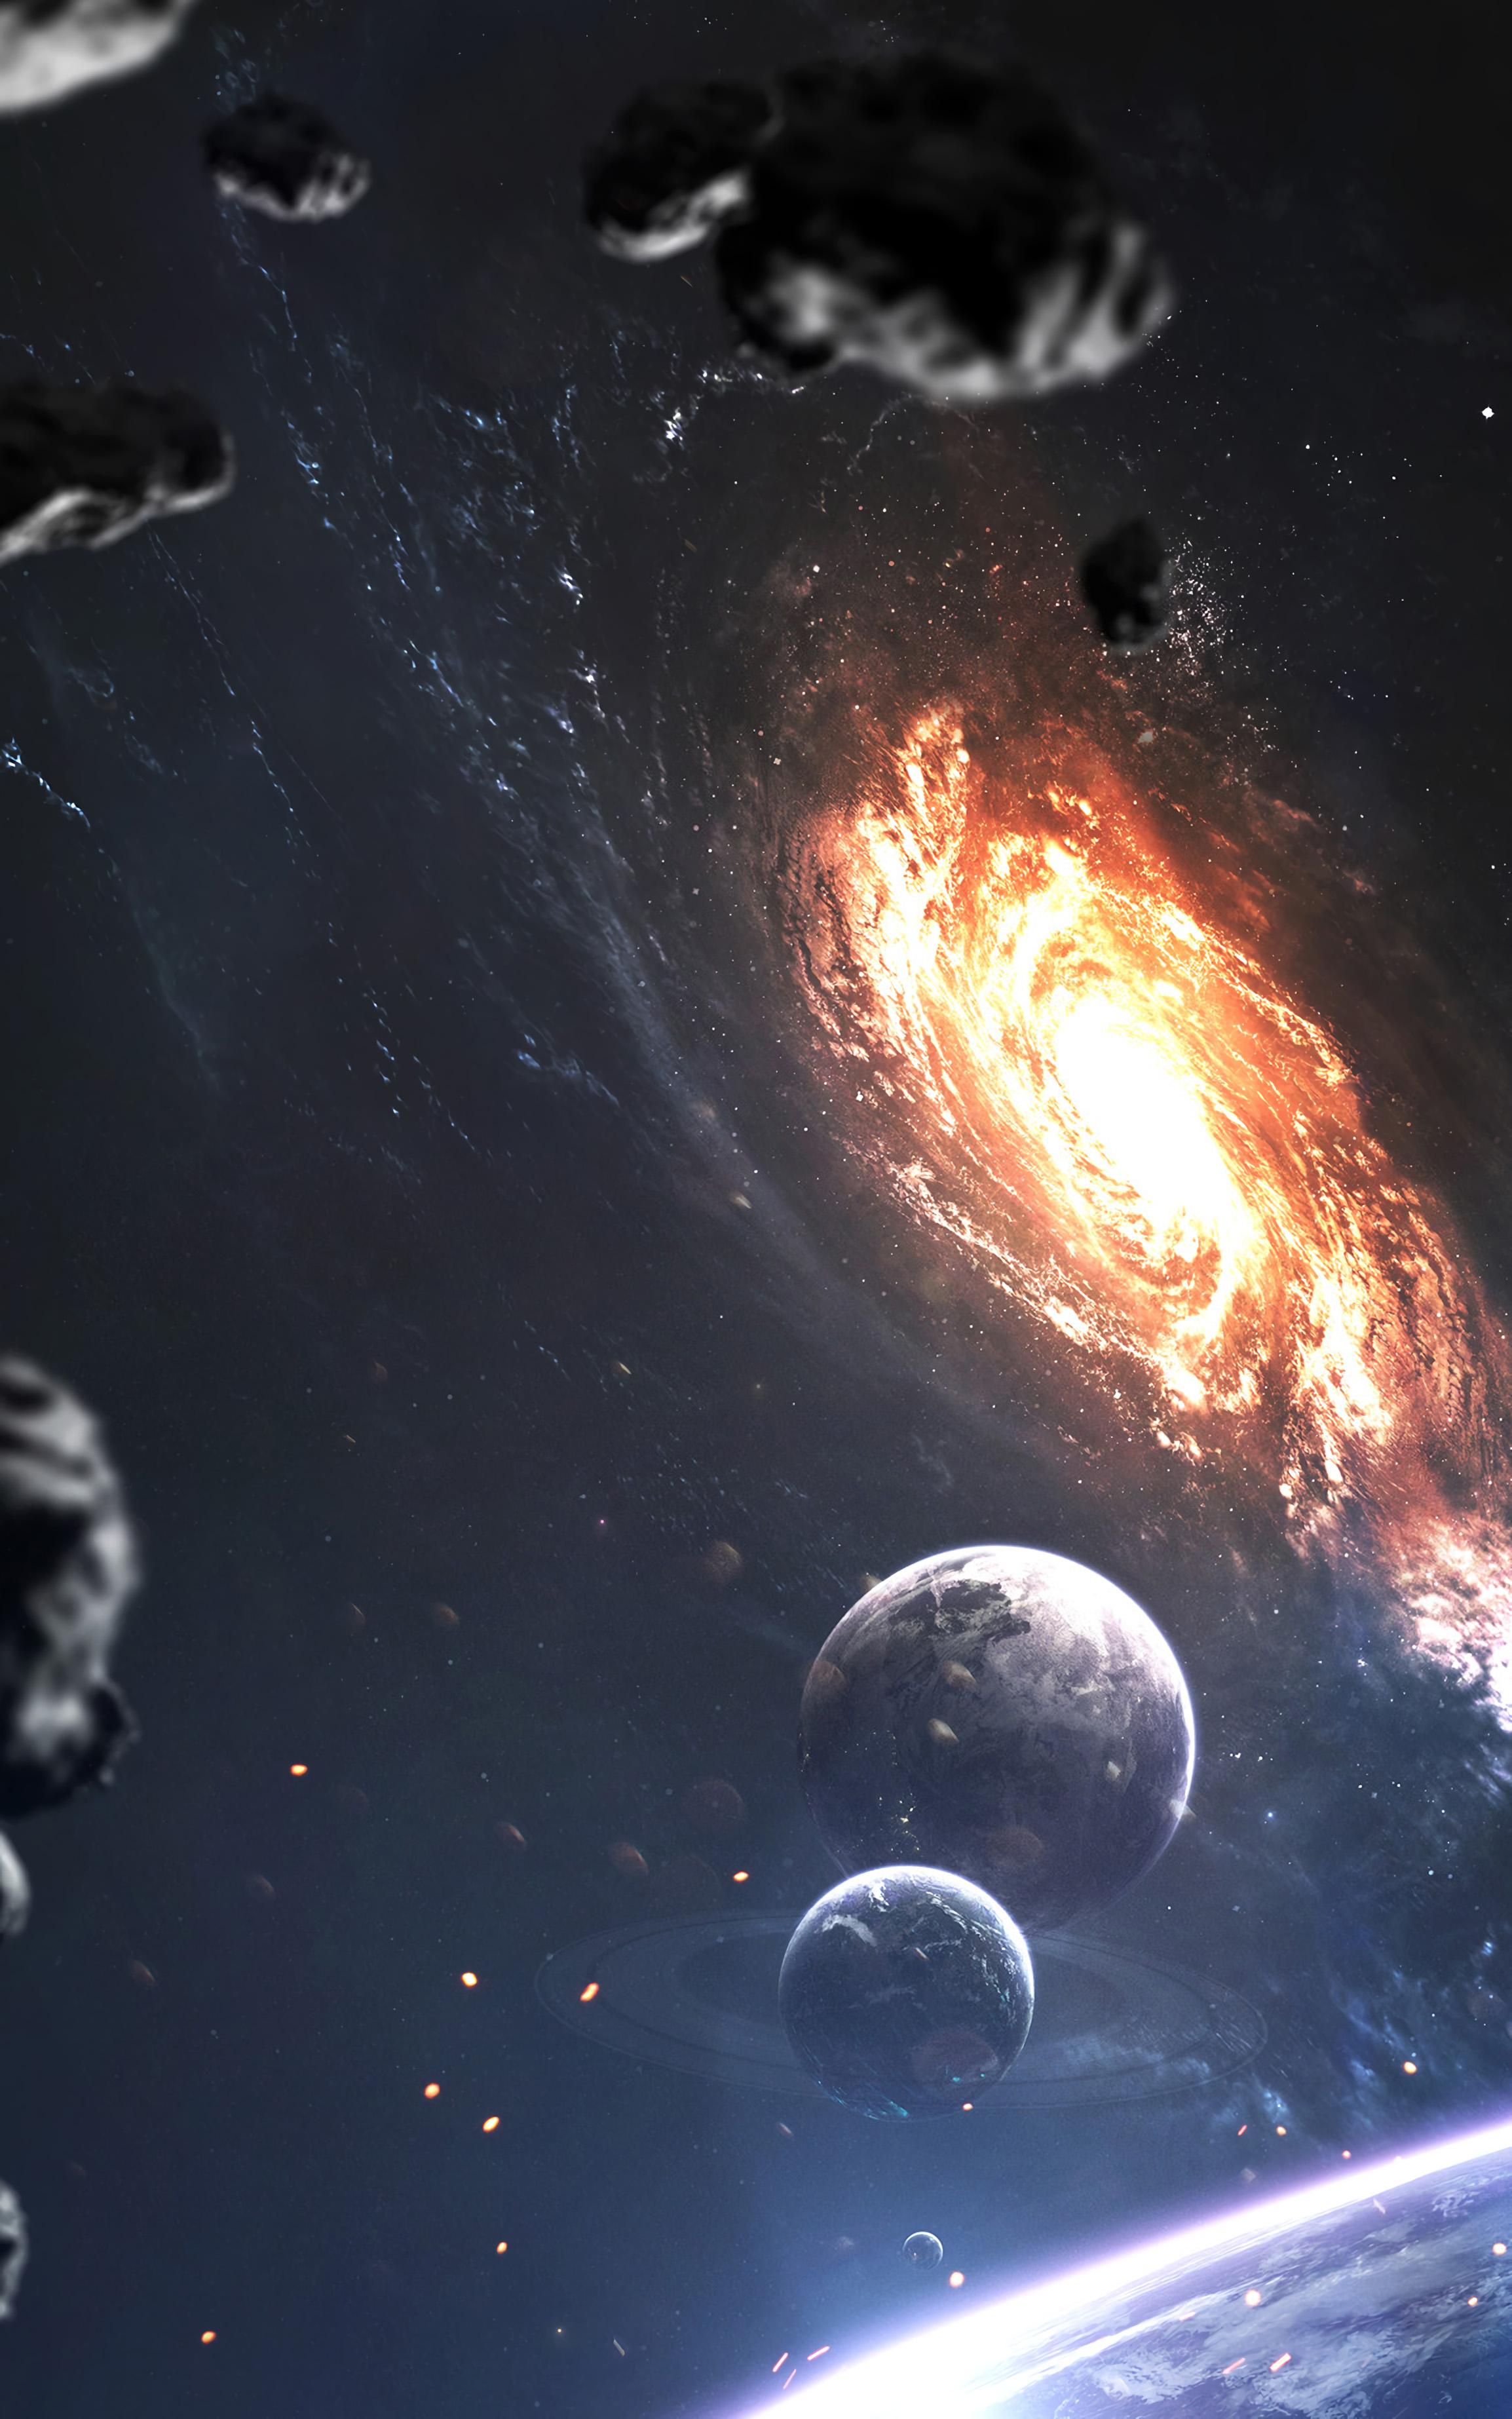 80099 обои 1080x2340 на телефон бесплатно, скачать картинки Планеты, Космос, Вселенная, Метеориты, Галкатика 1080x2340 на мобильный